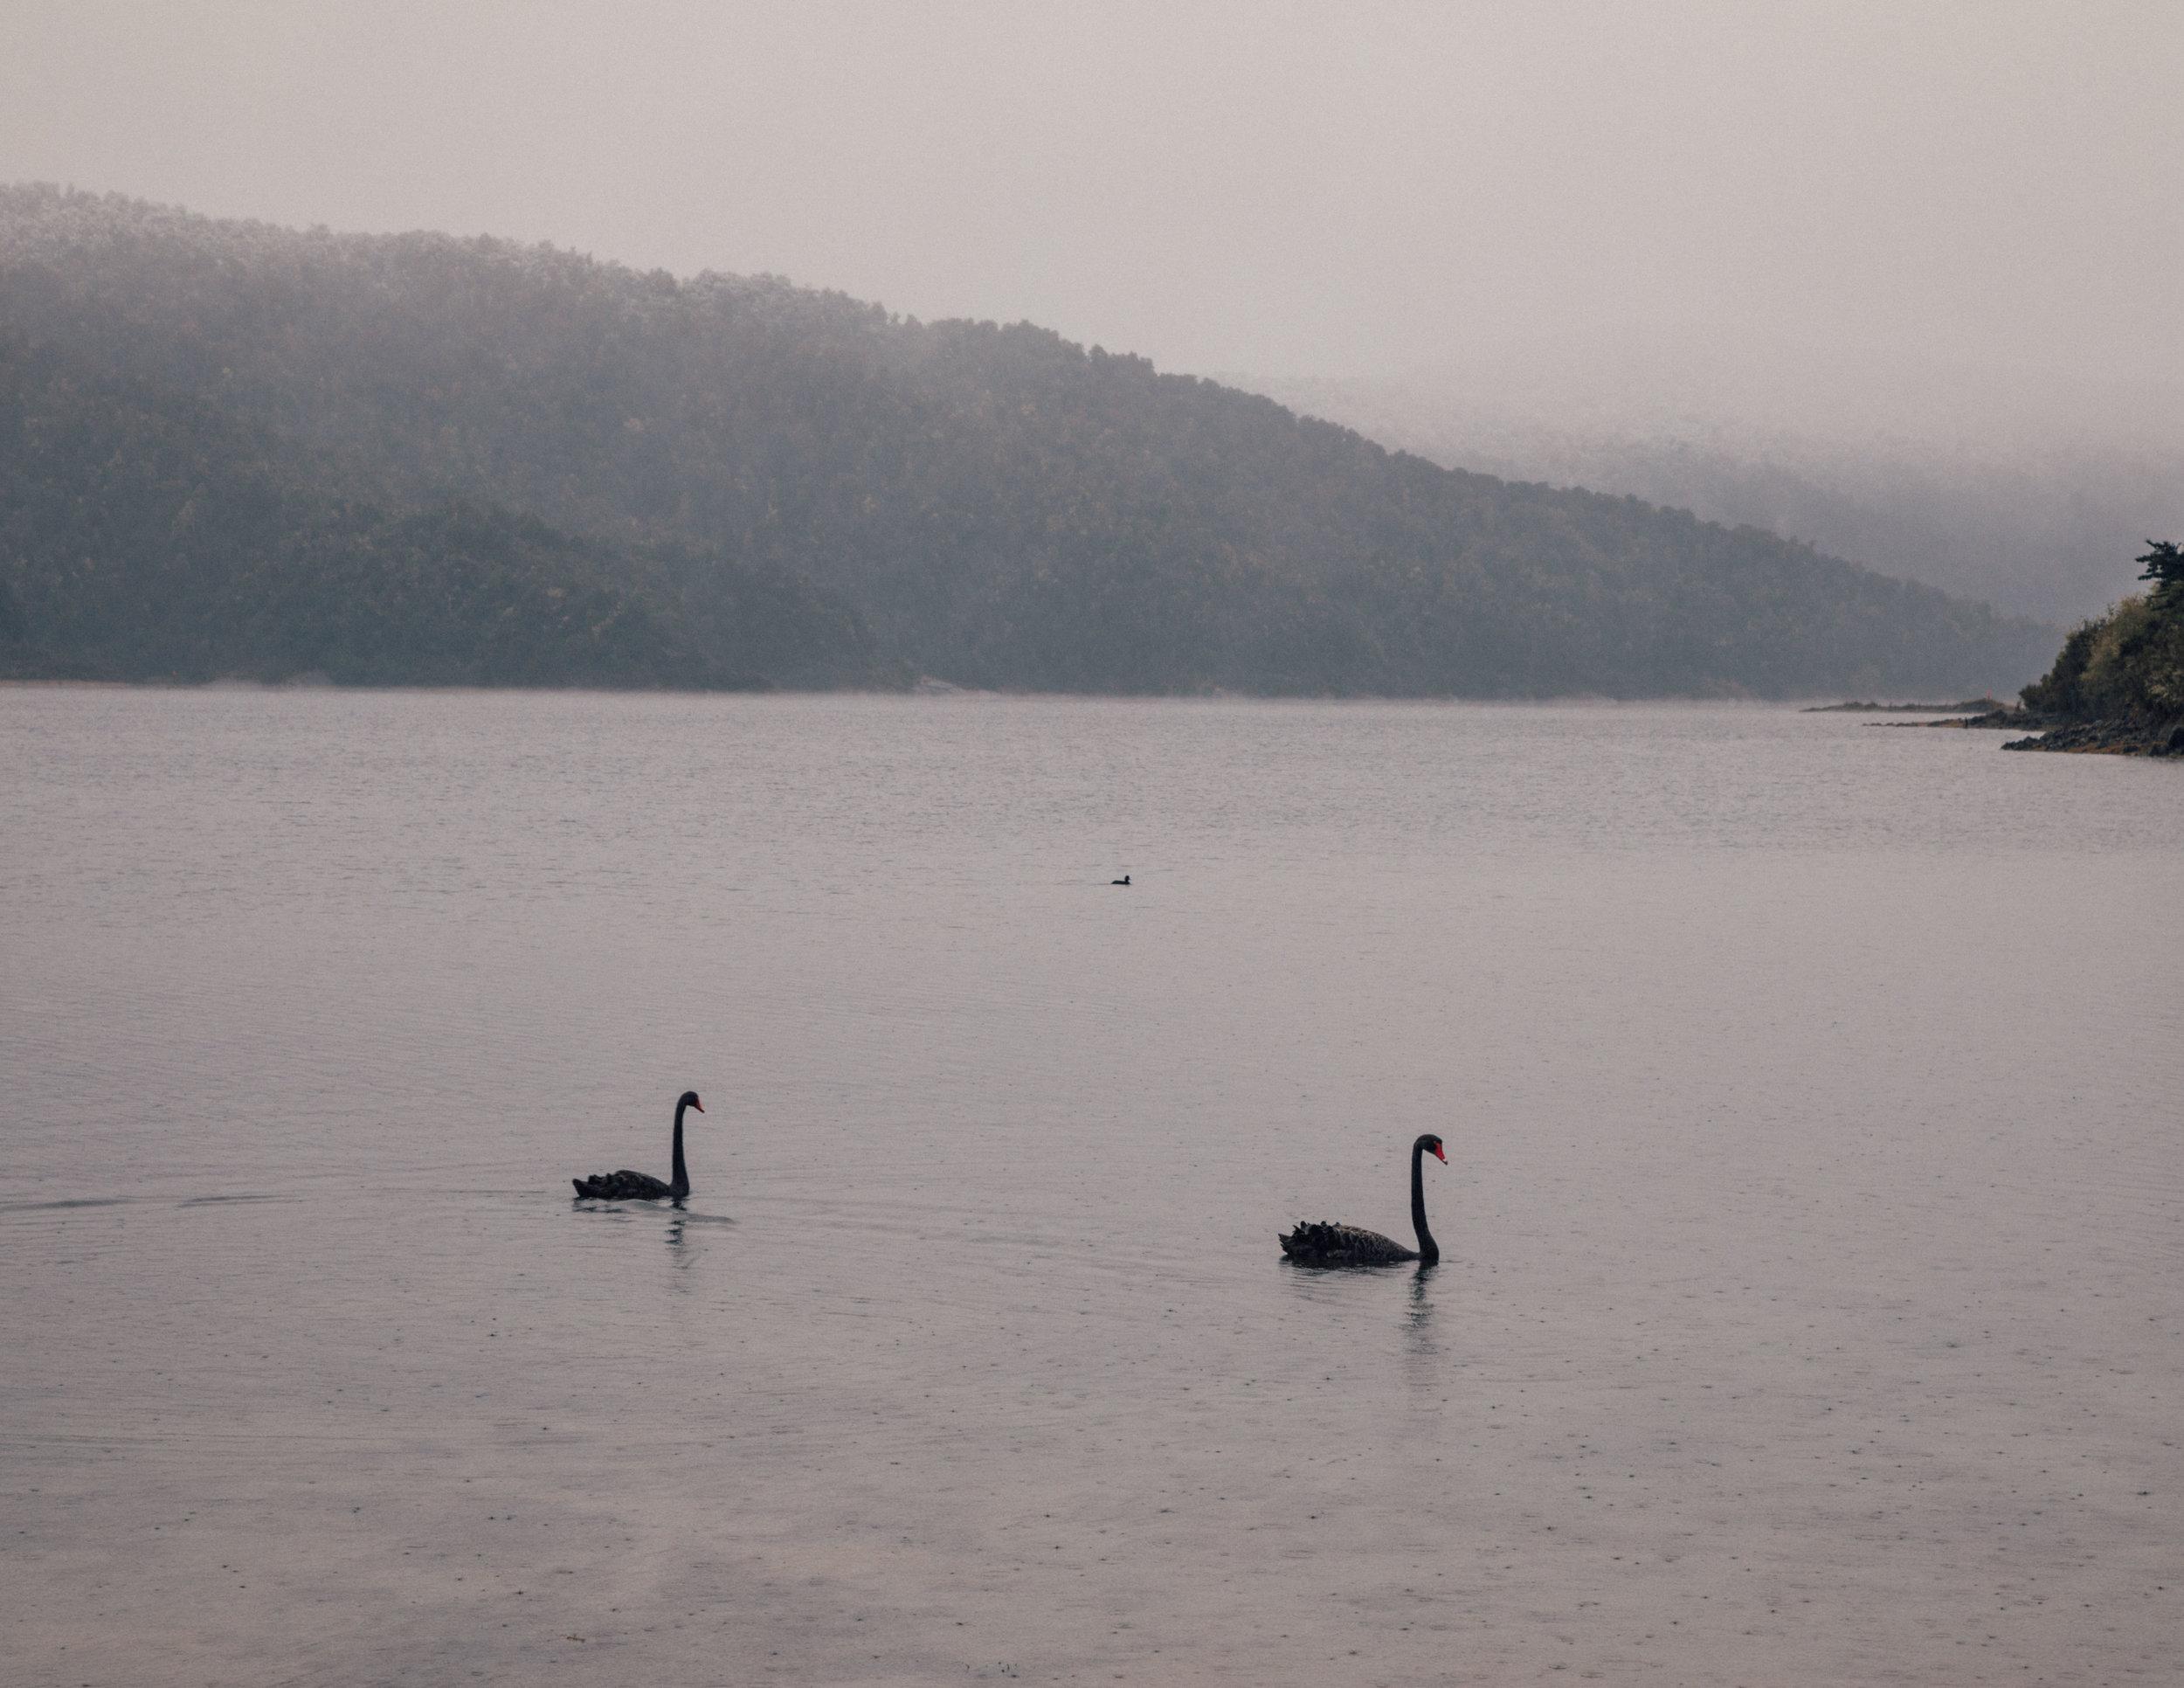 Lake Waikaremoana